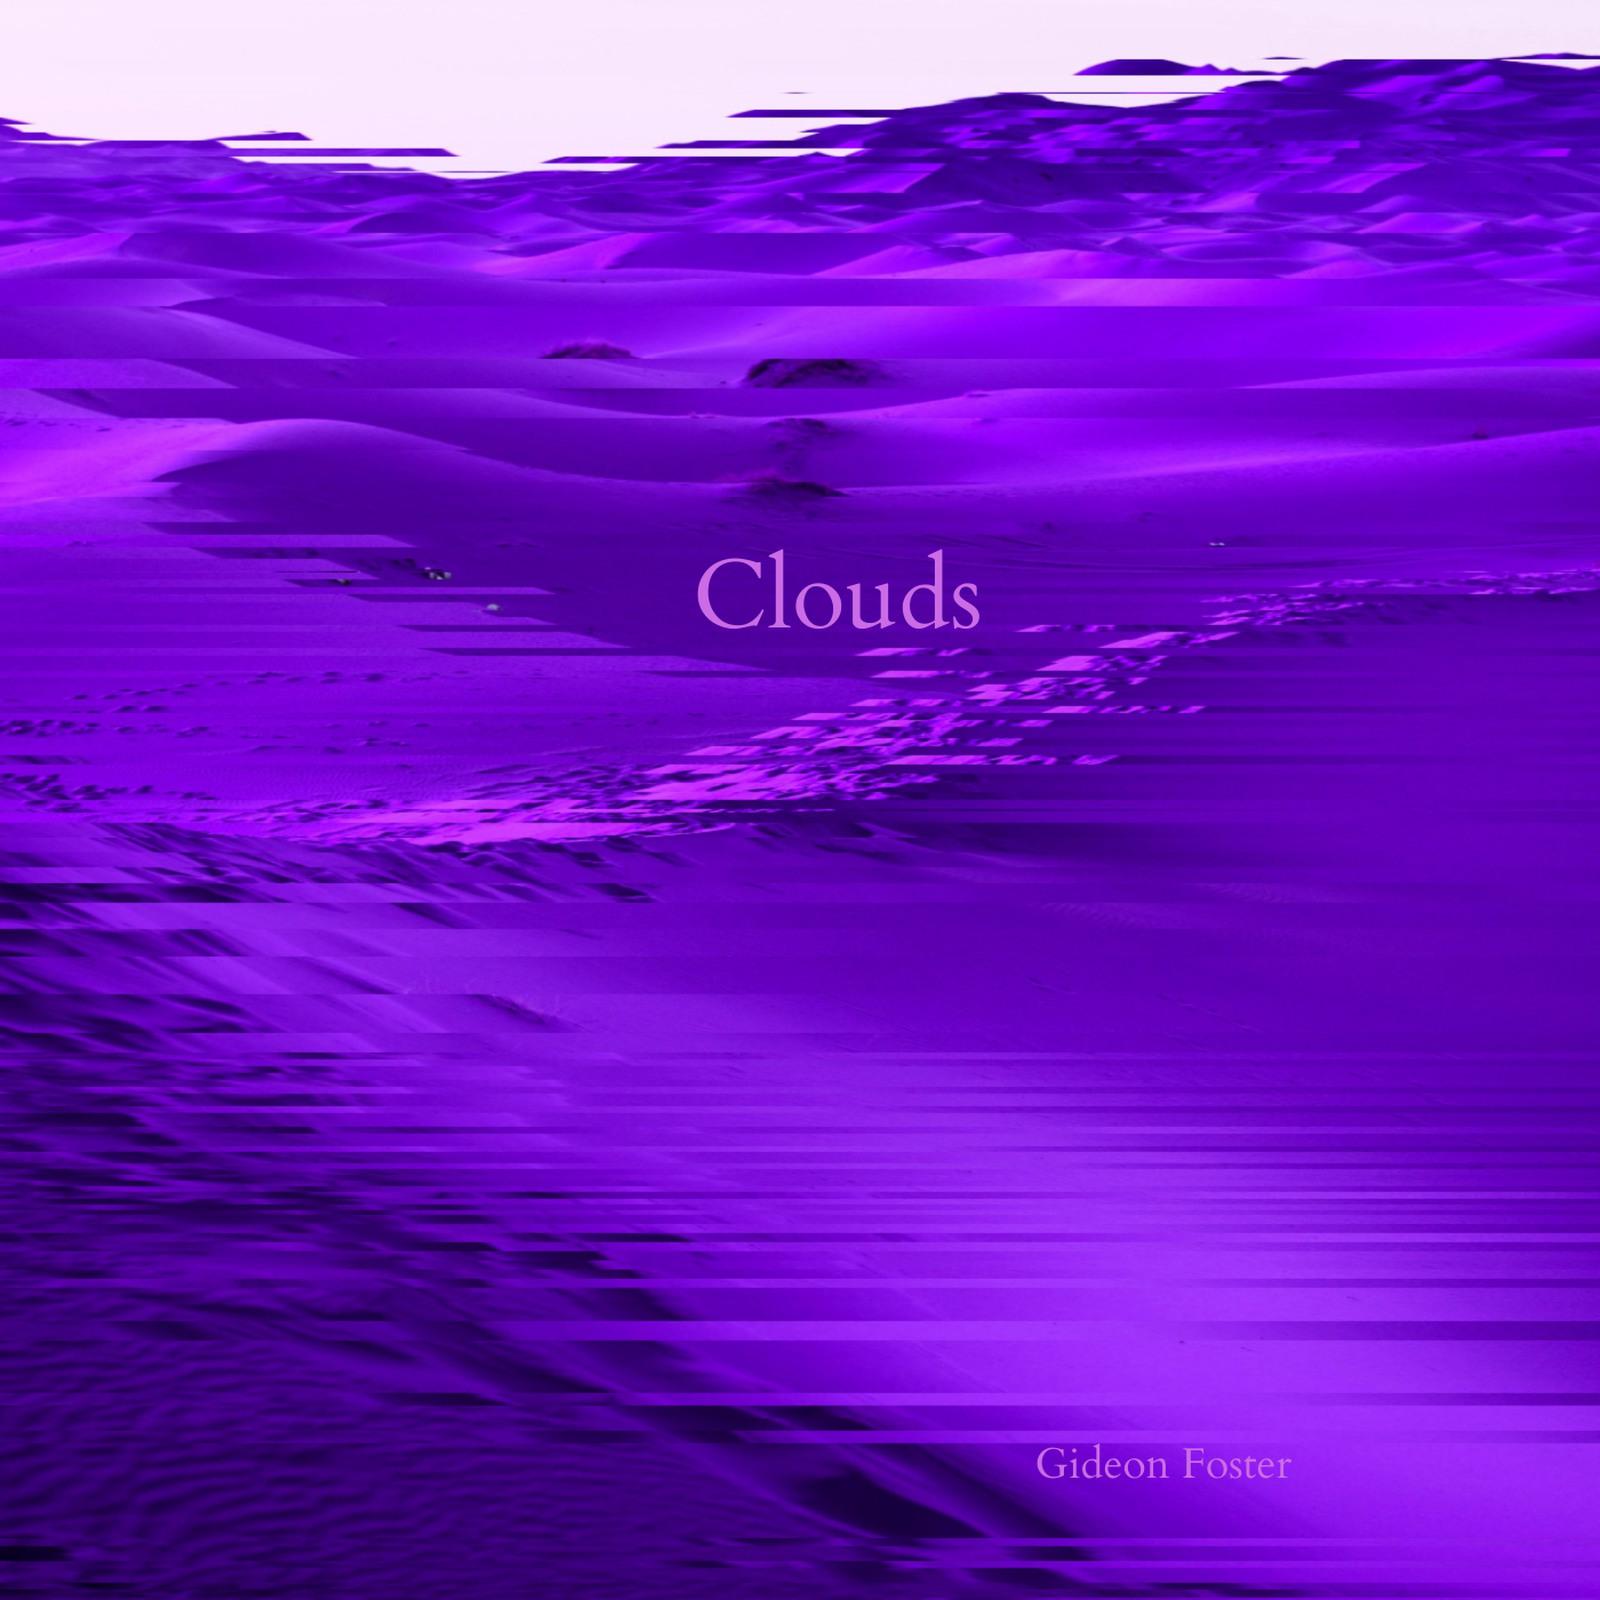 Clouds-1_1600x1600